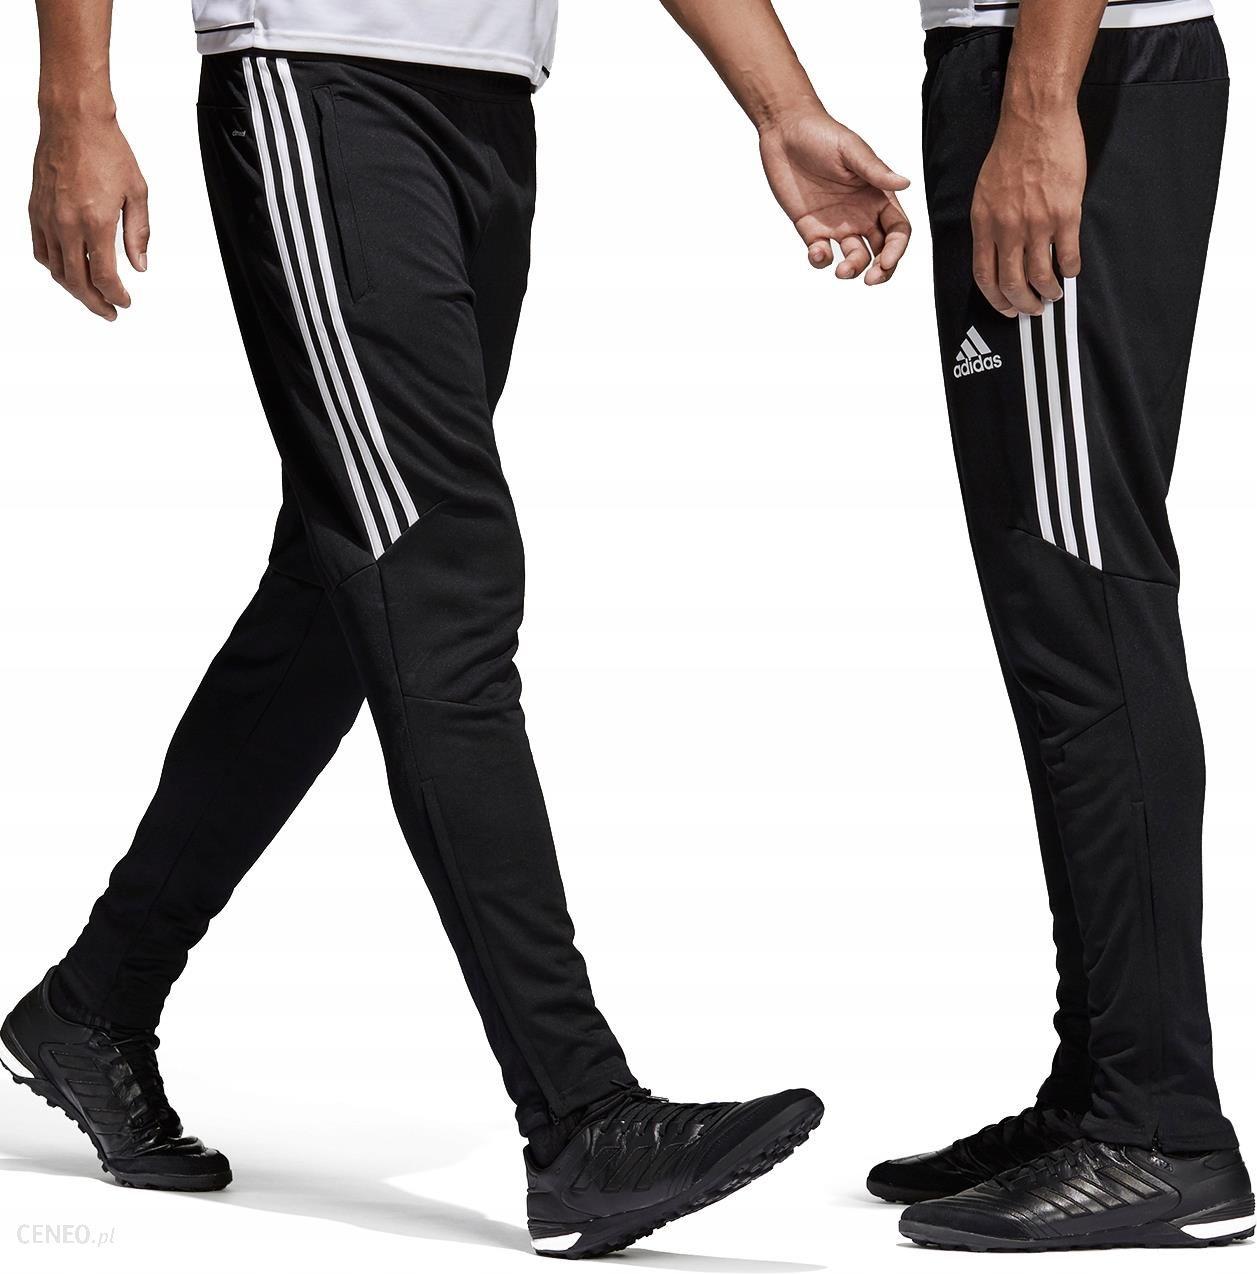 czarne spodnie męskie do adidasów